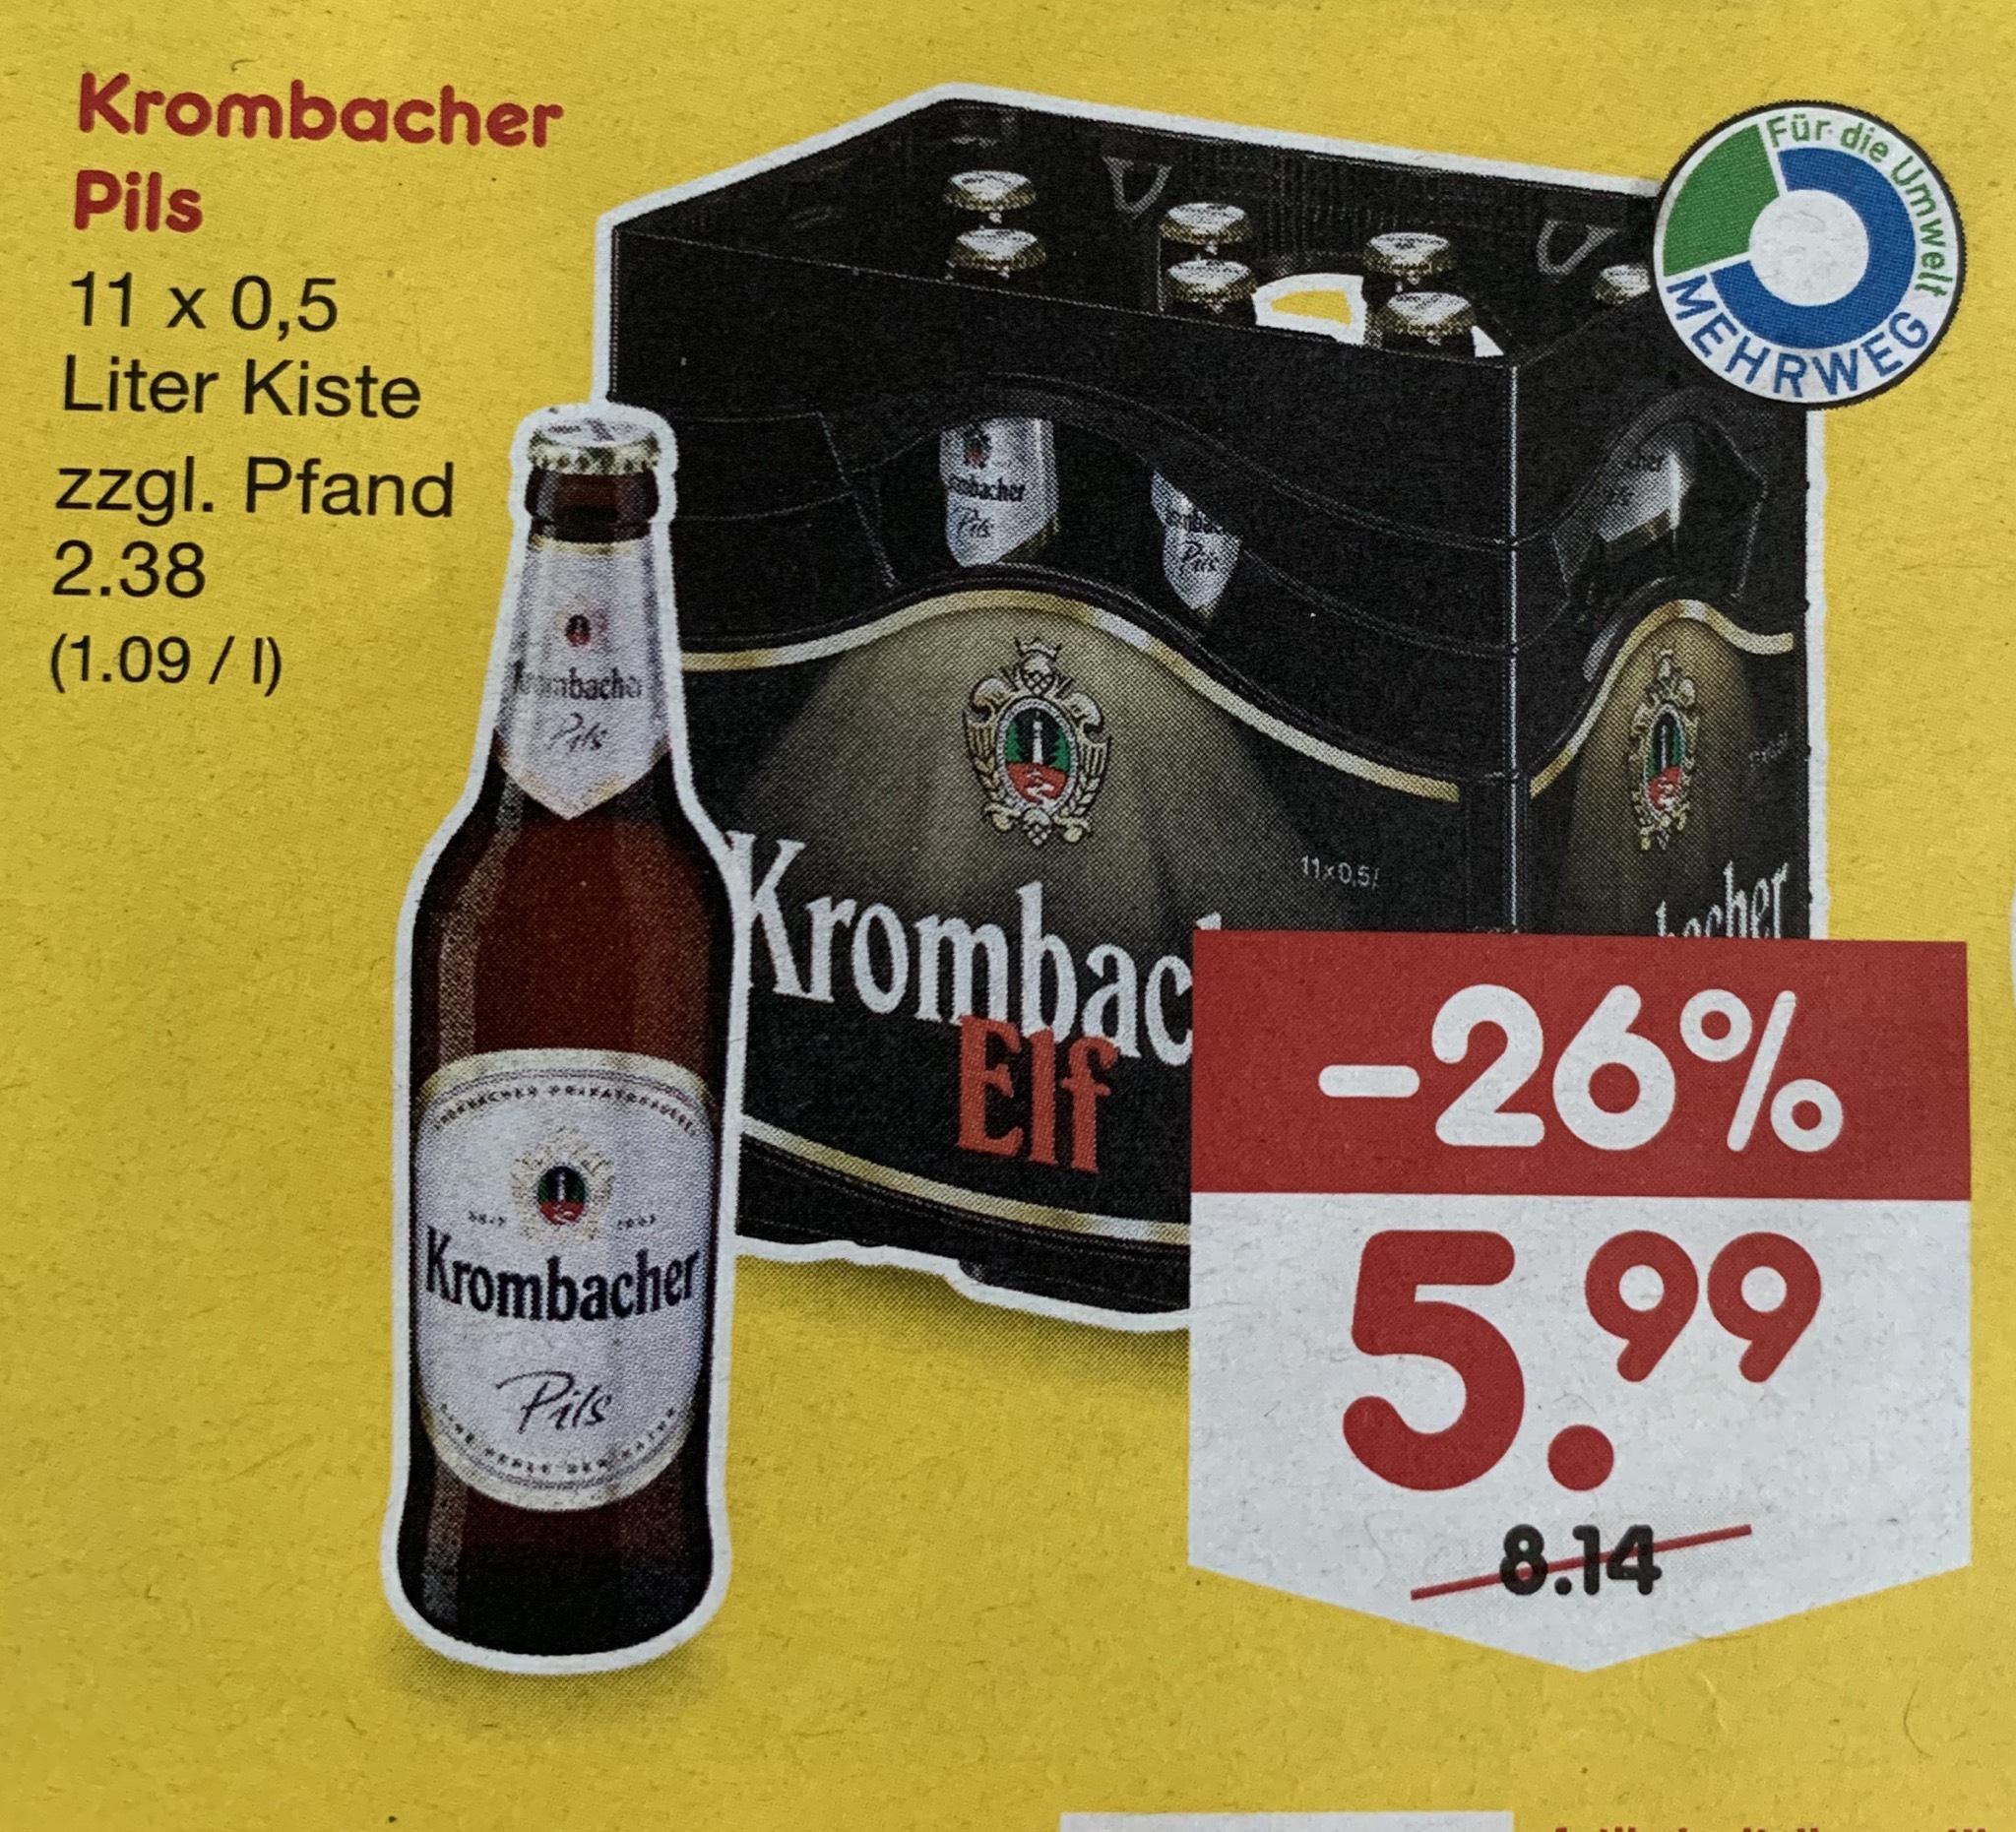 [Netto MD] 11er Kiste Krombacher Bier für 5.99€ zzgl. 2.38 Pfand (1.09/Liter) ab 26.08.2019